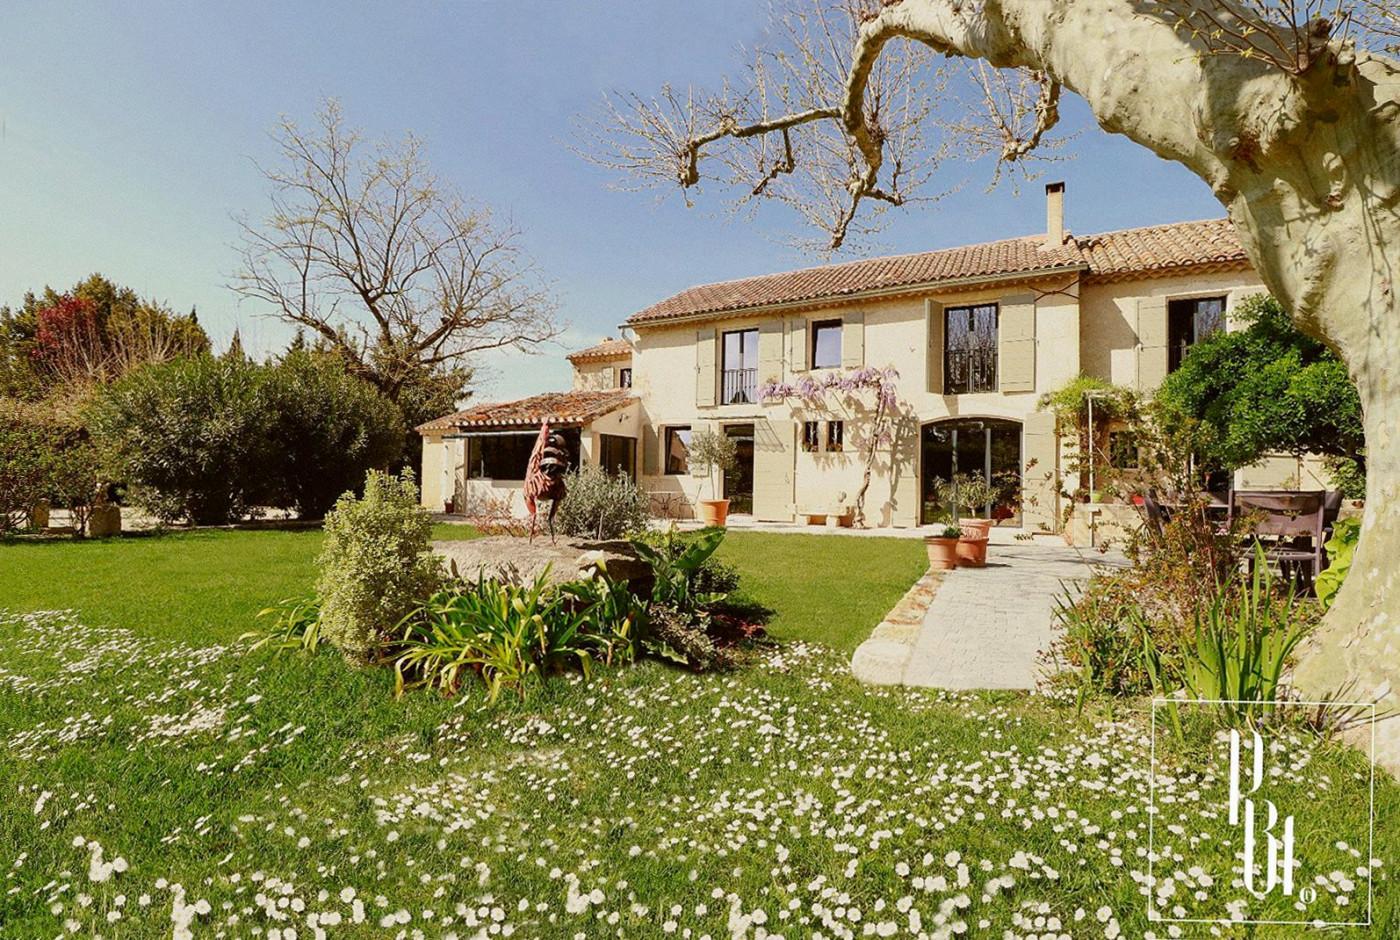 A vendre  Saint Remy De Provence | Réf 345051012 - Pierre blanche immobilier